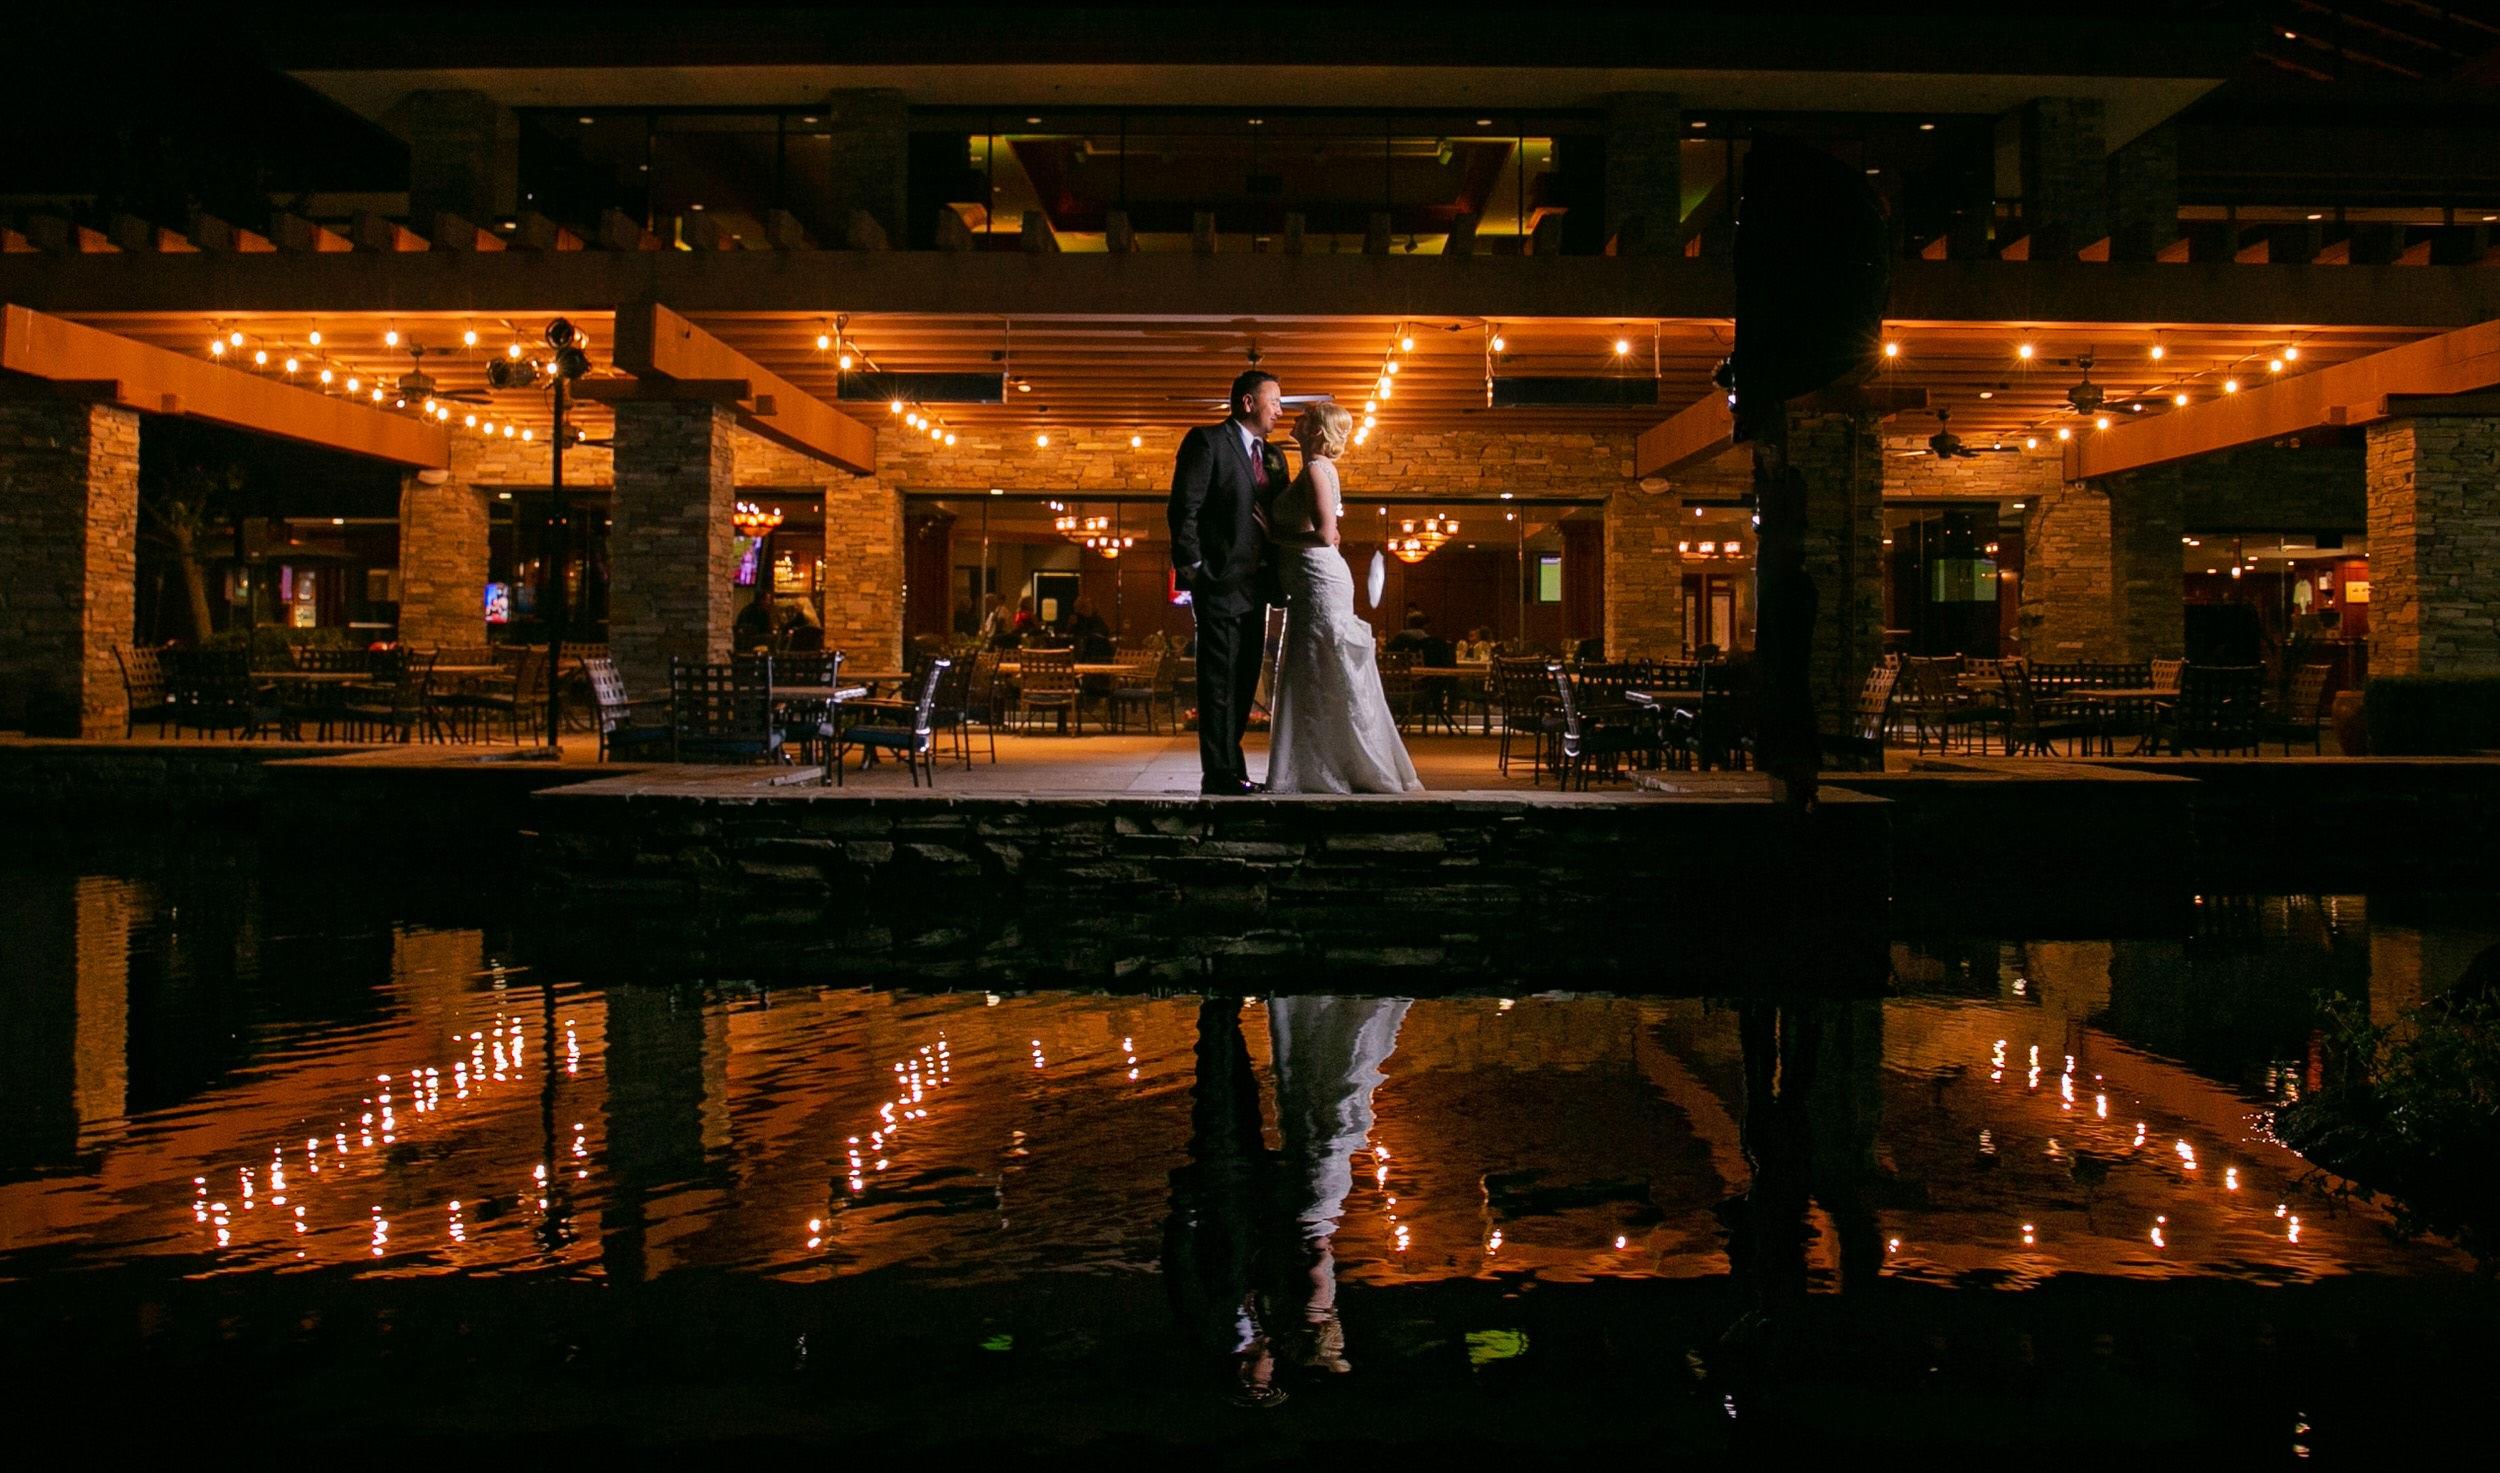 Wedding-photos-at-Dove-Canyon-Golf-Club